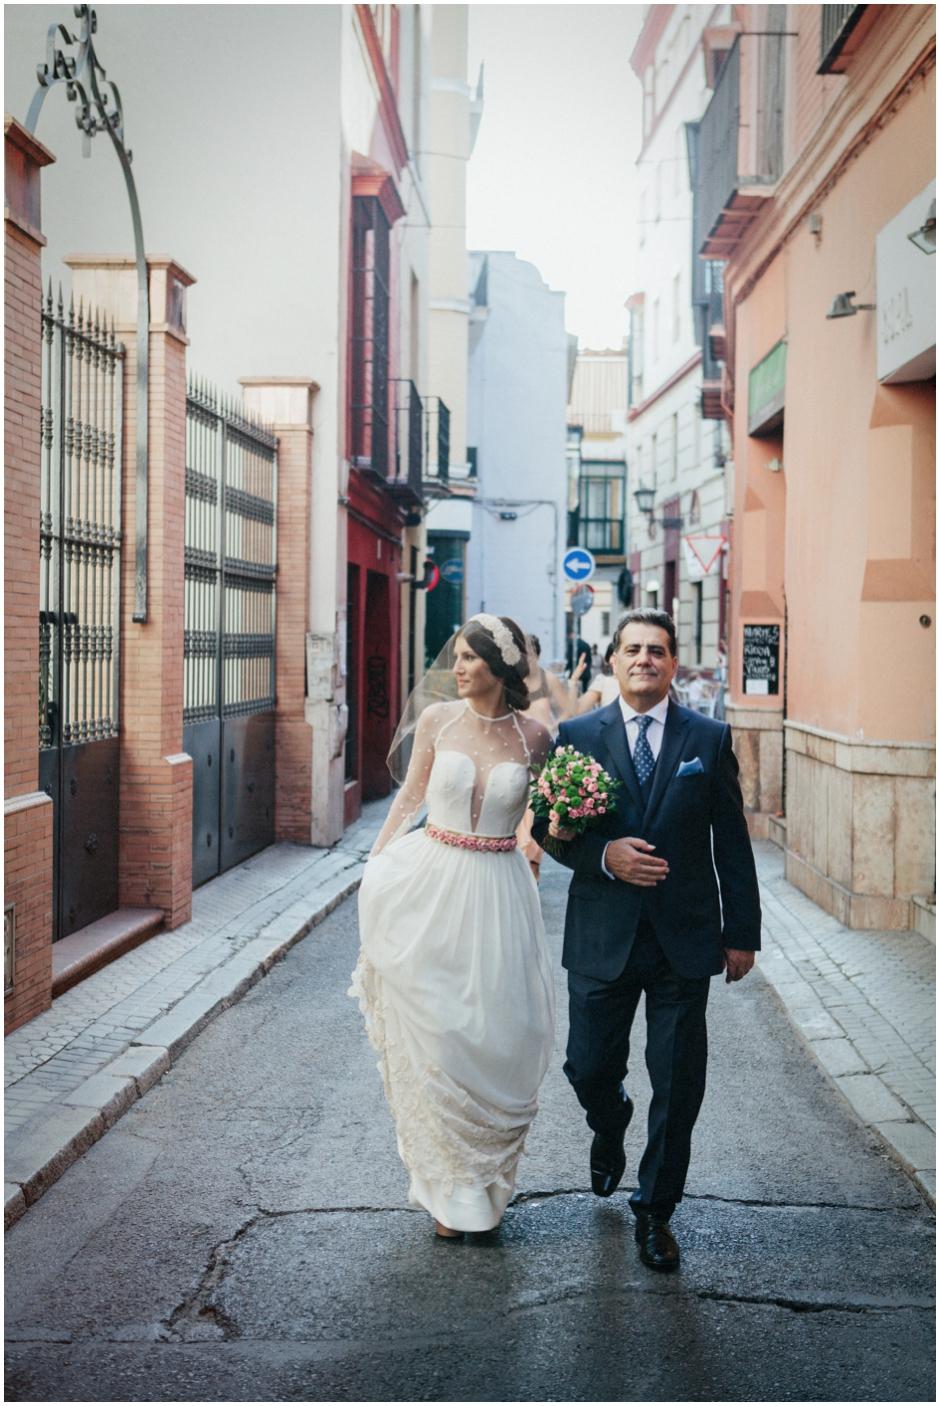 fotografo-de-bodas-sevilla-valencia-mallorca-jose-caballero-bodafilms51.jpg